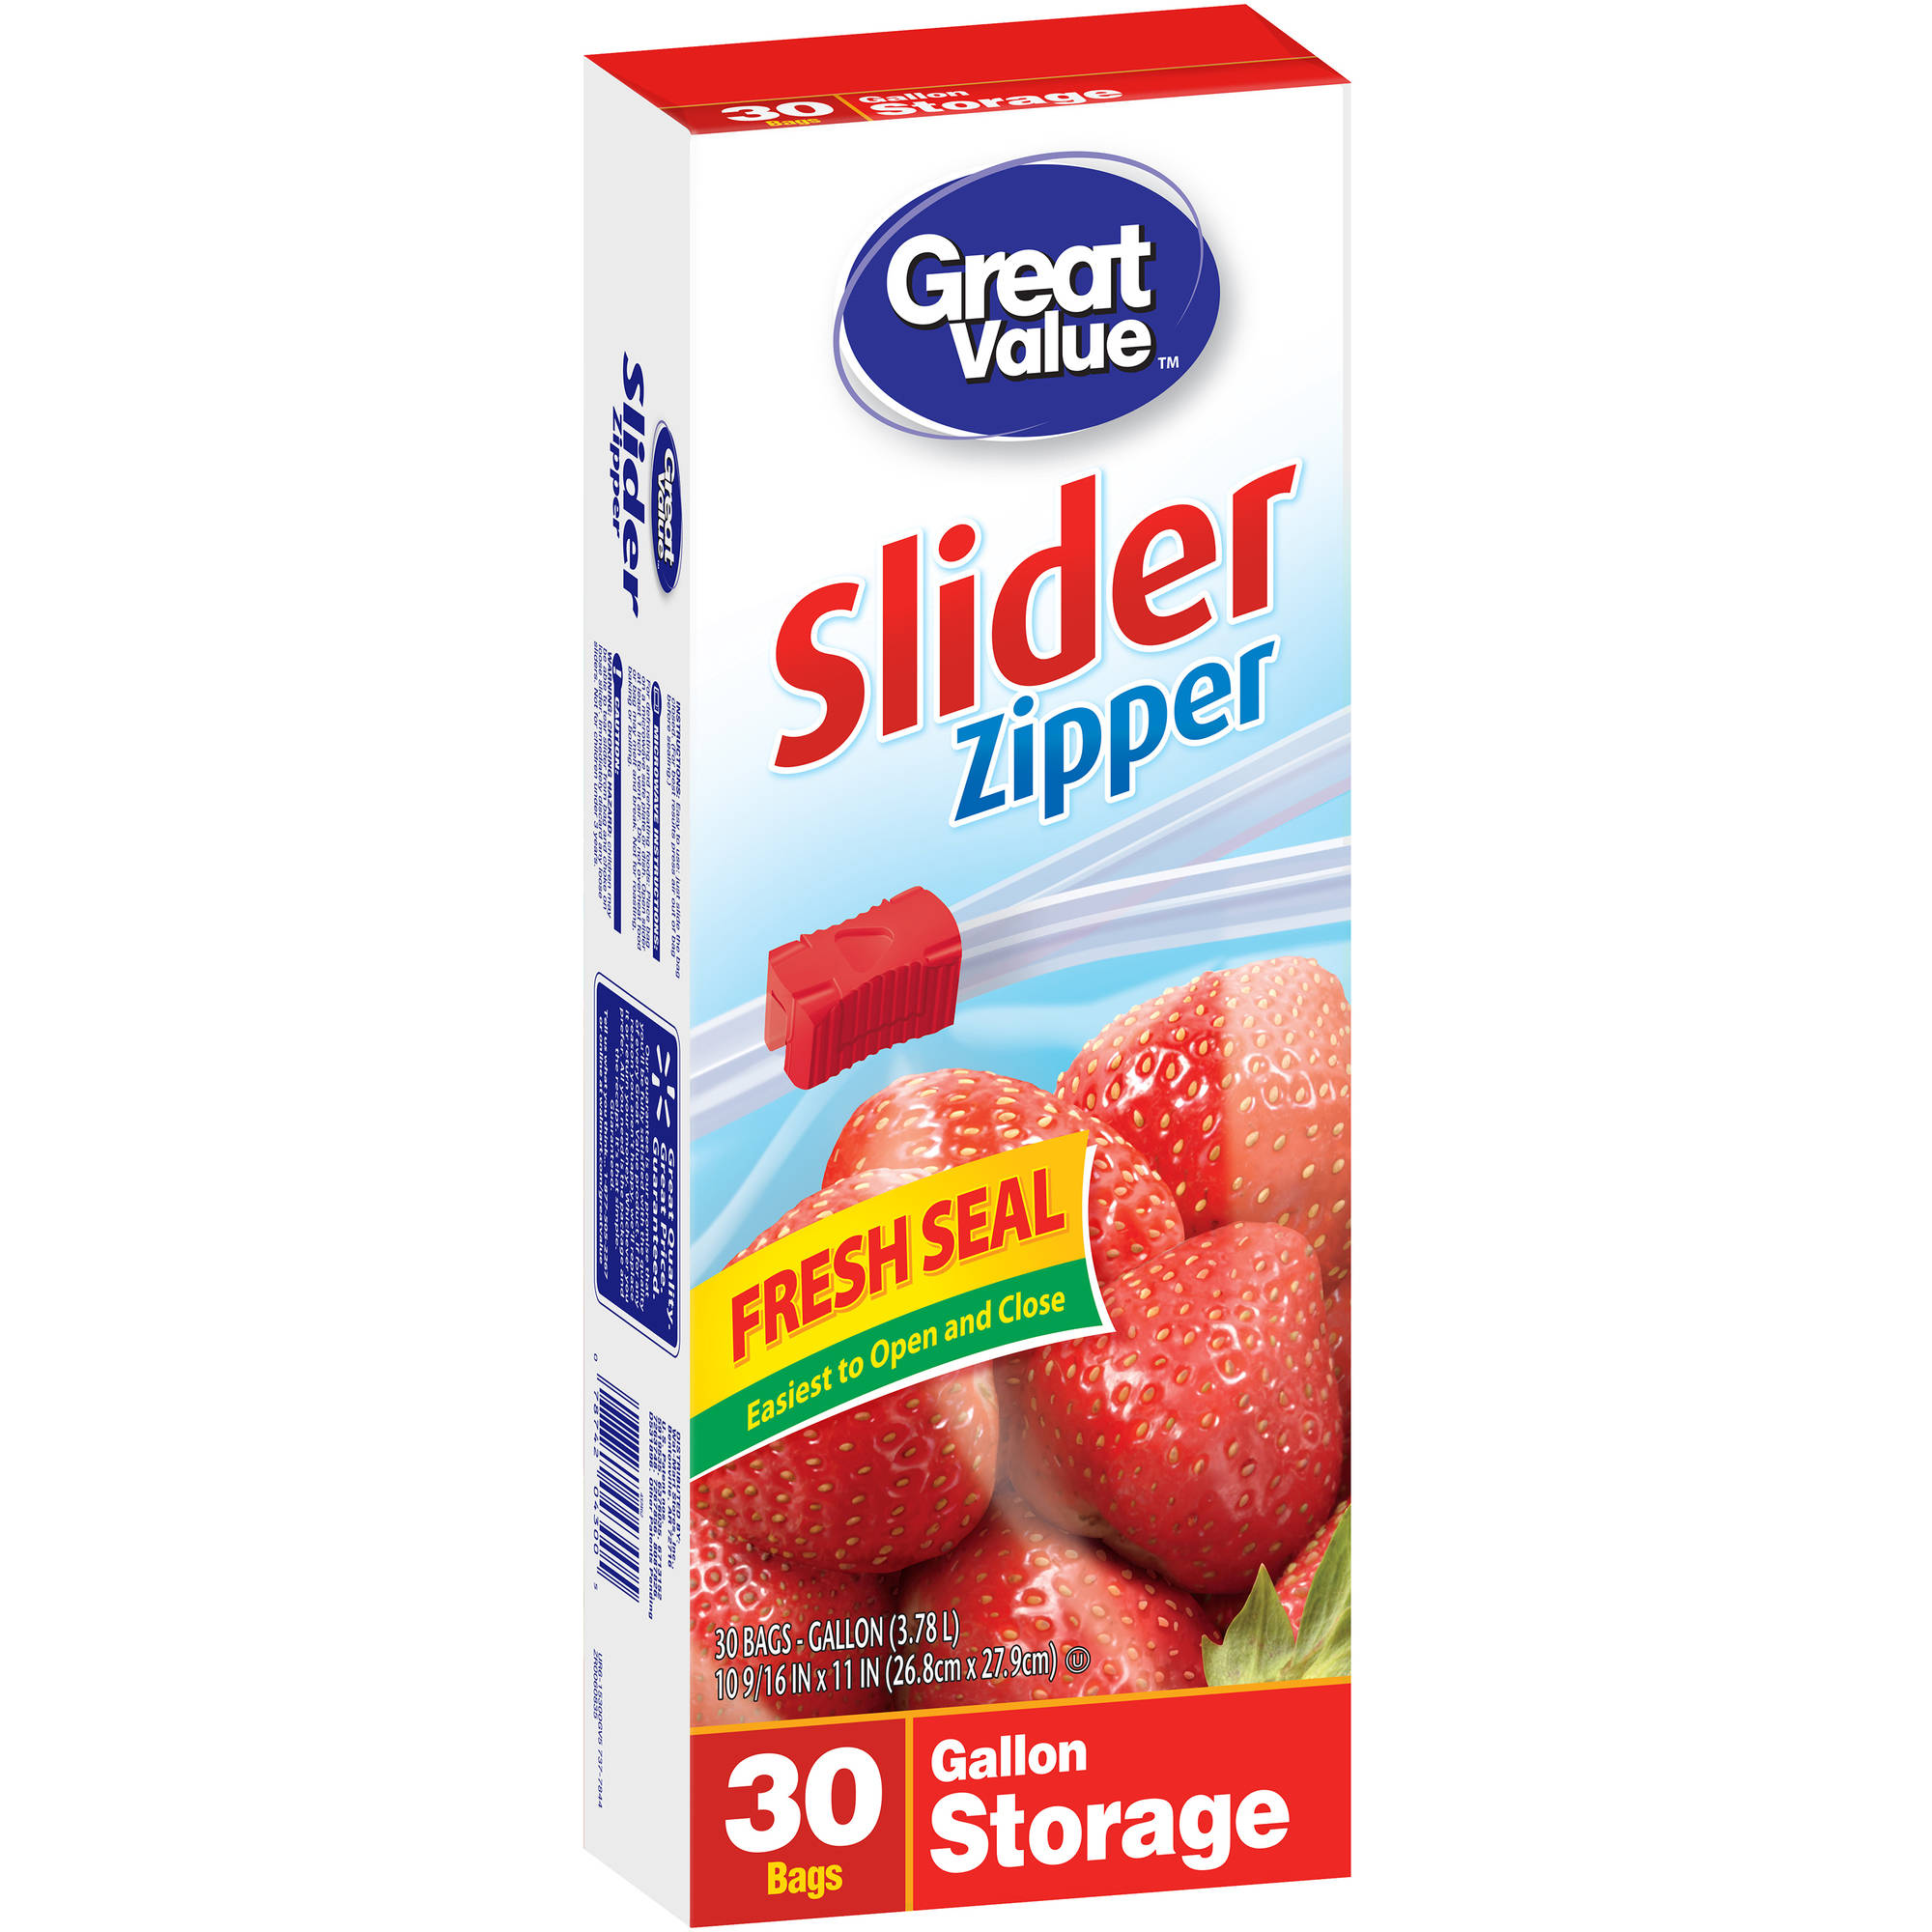 sc 1 st  Walmart & Glad Zipper Food Storage Plastic Bags - 1 gal - 40 ct - Walmart.com